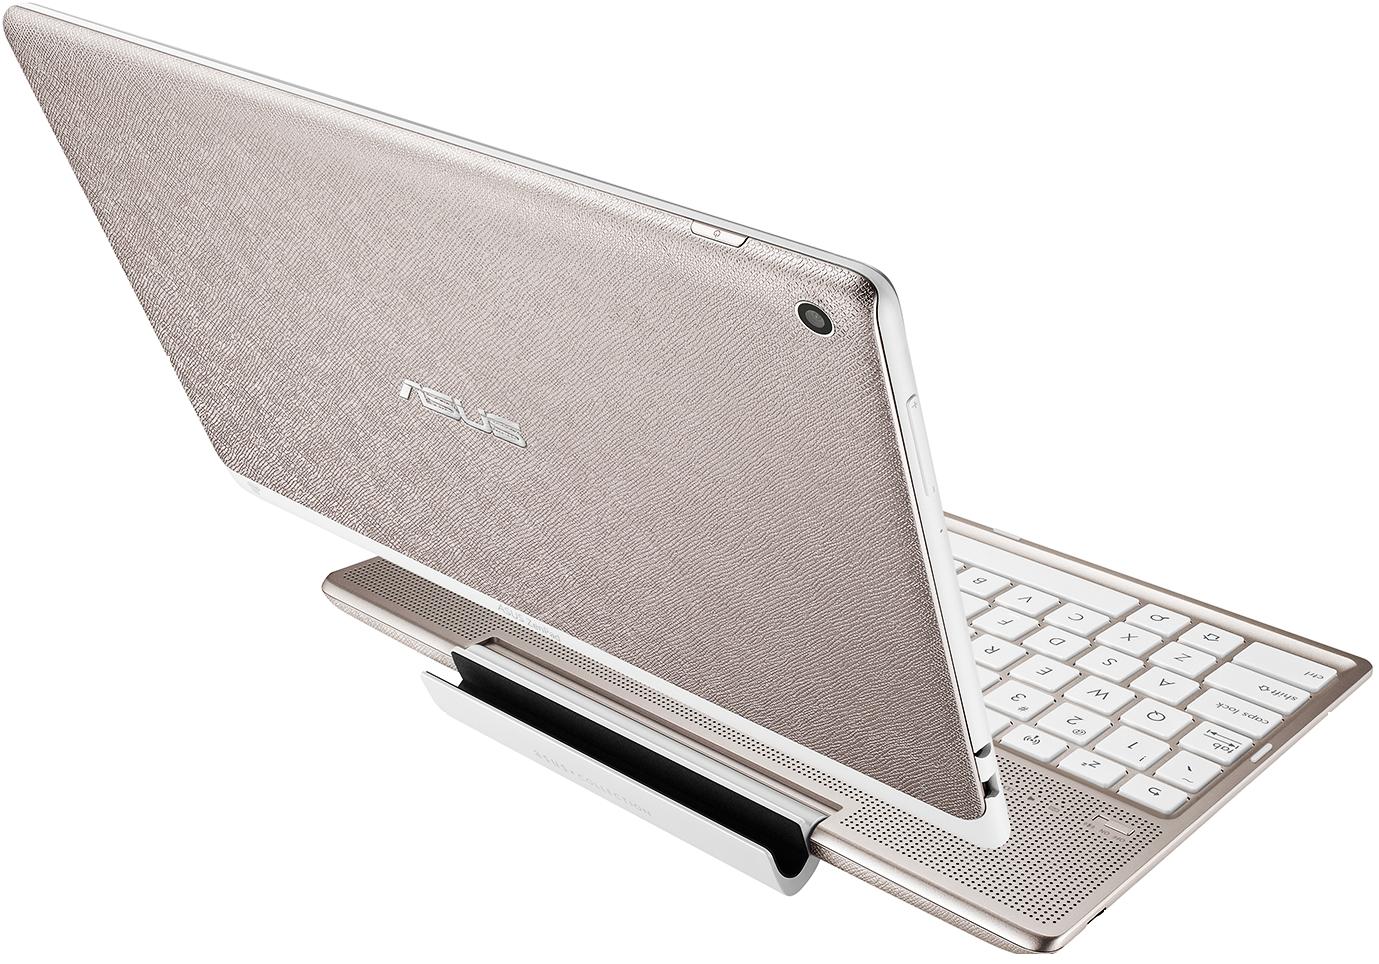 Asus zenpad 10 z300cg tablets asus global for Accessoires asus zenpad 10